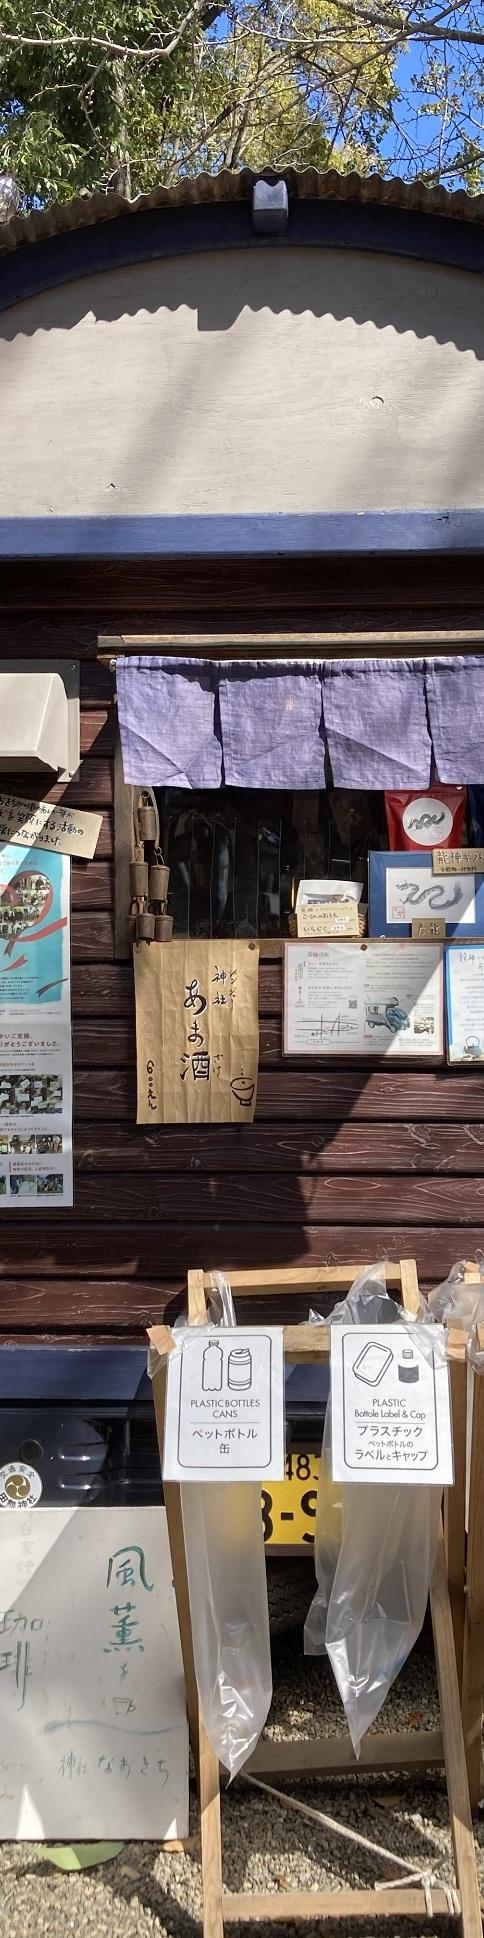 210314 jinja-naokichi-24